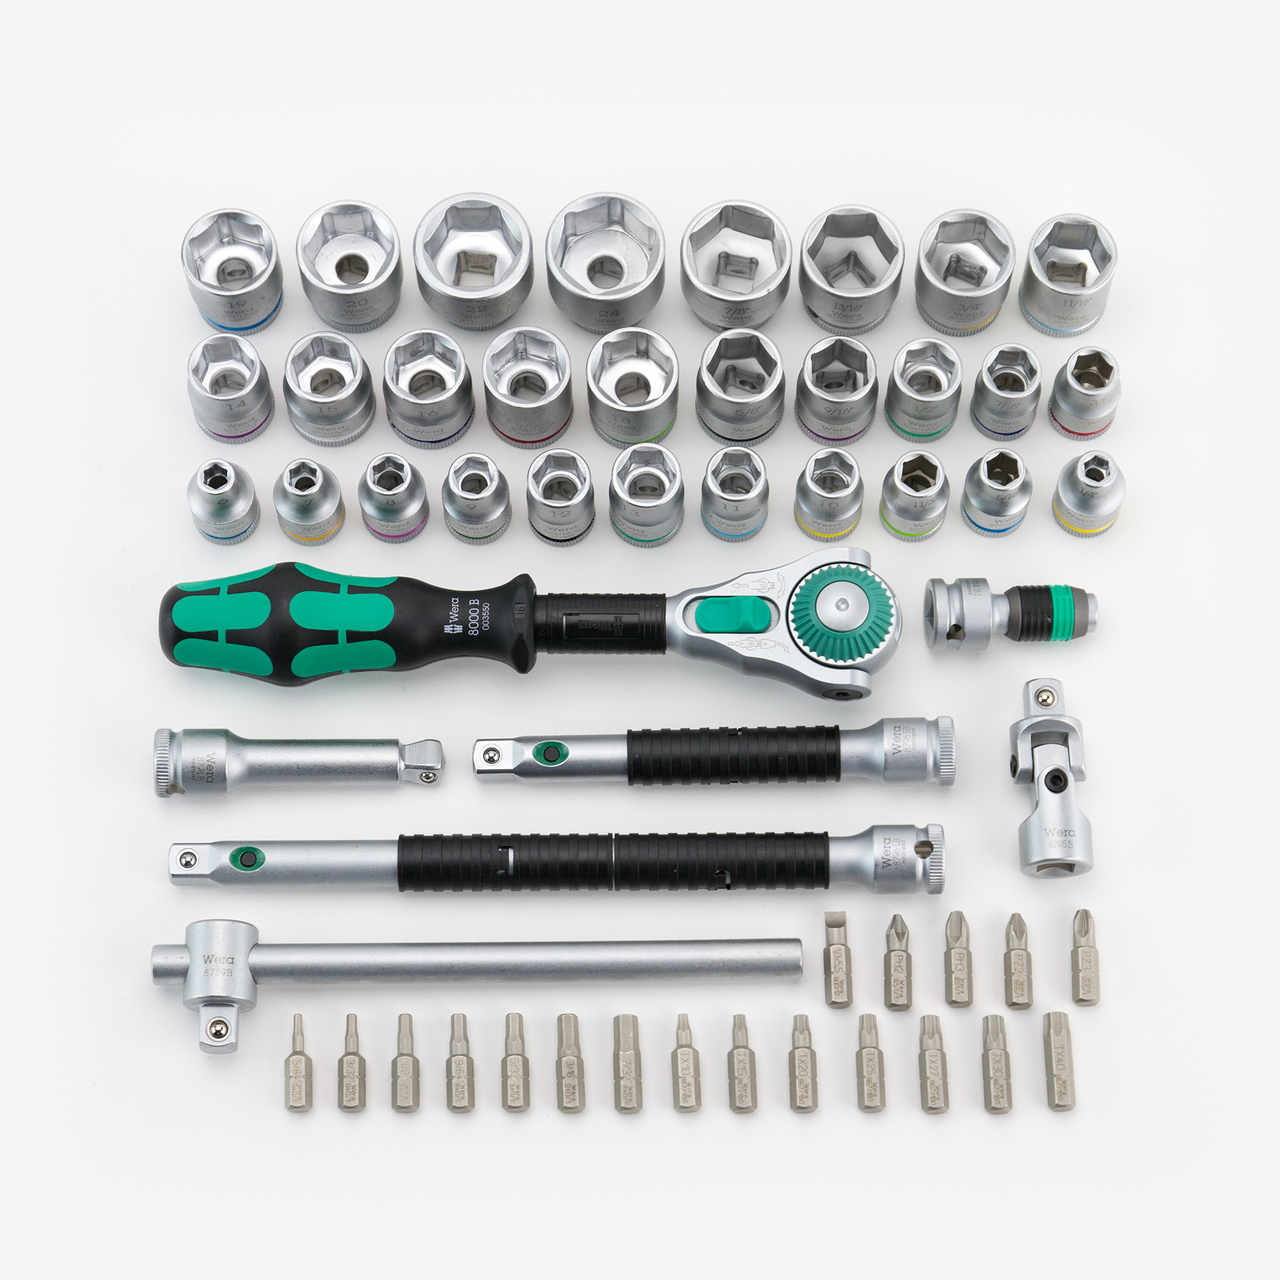 """Wera 134061 Zyklop Rachet Premium 3/8"""" Drive 55 Pc SAE/Metric Set - KC Tool"""